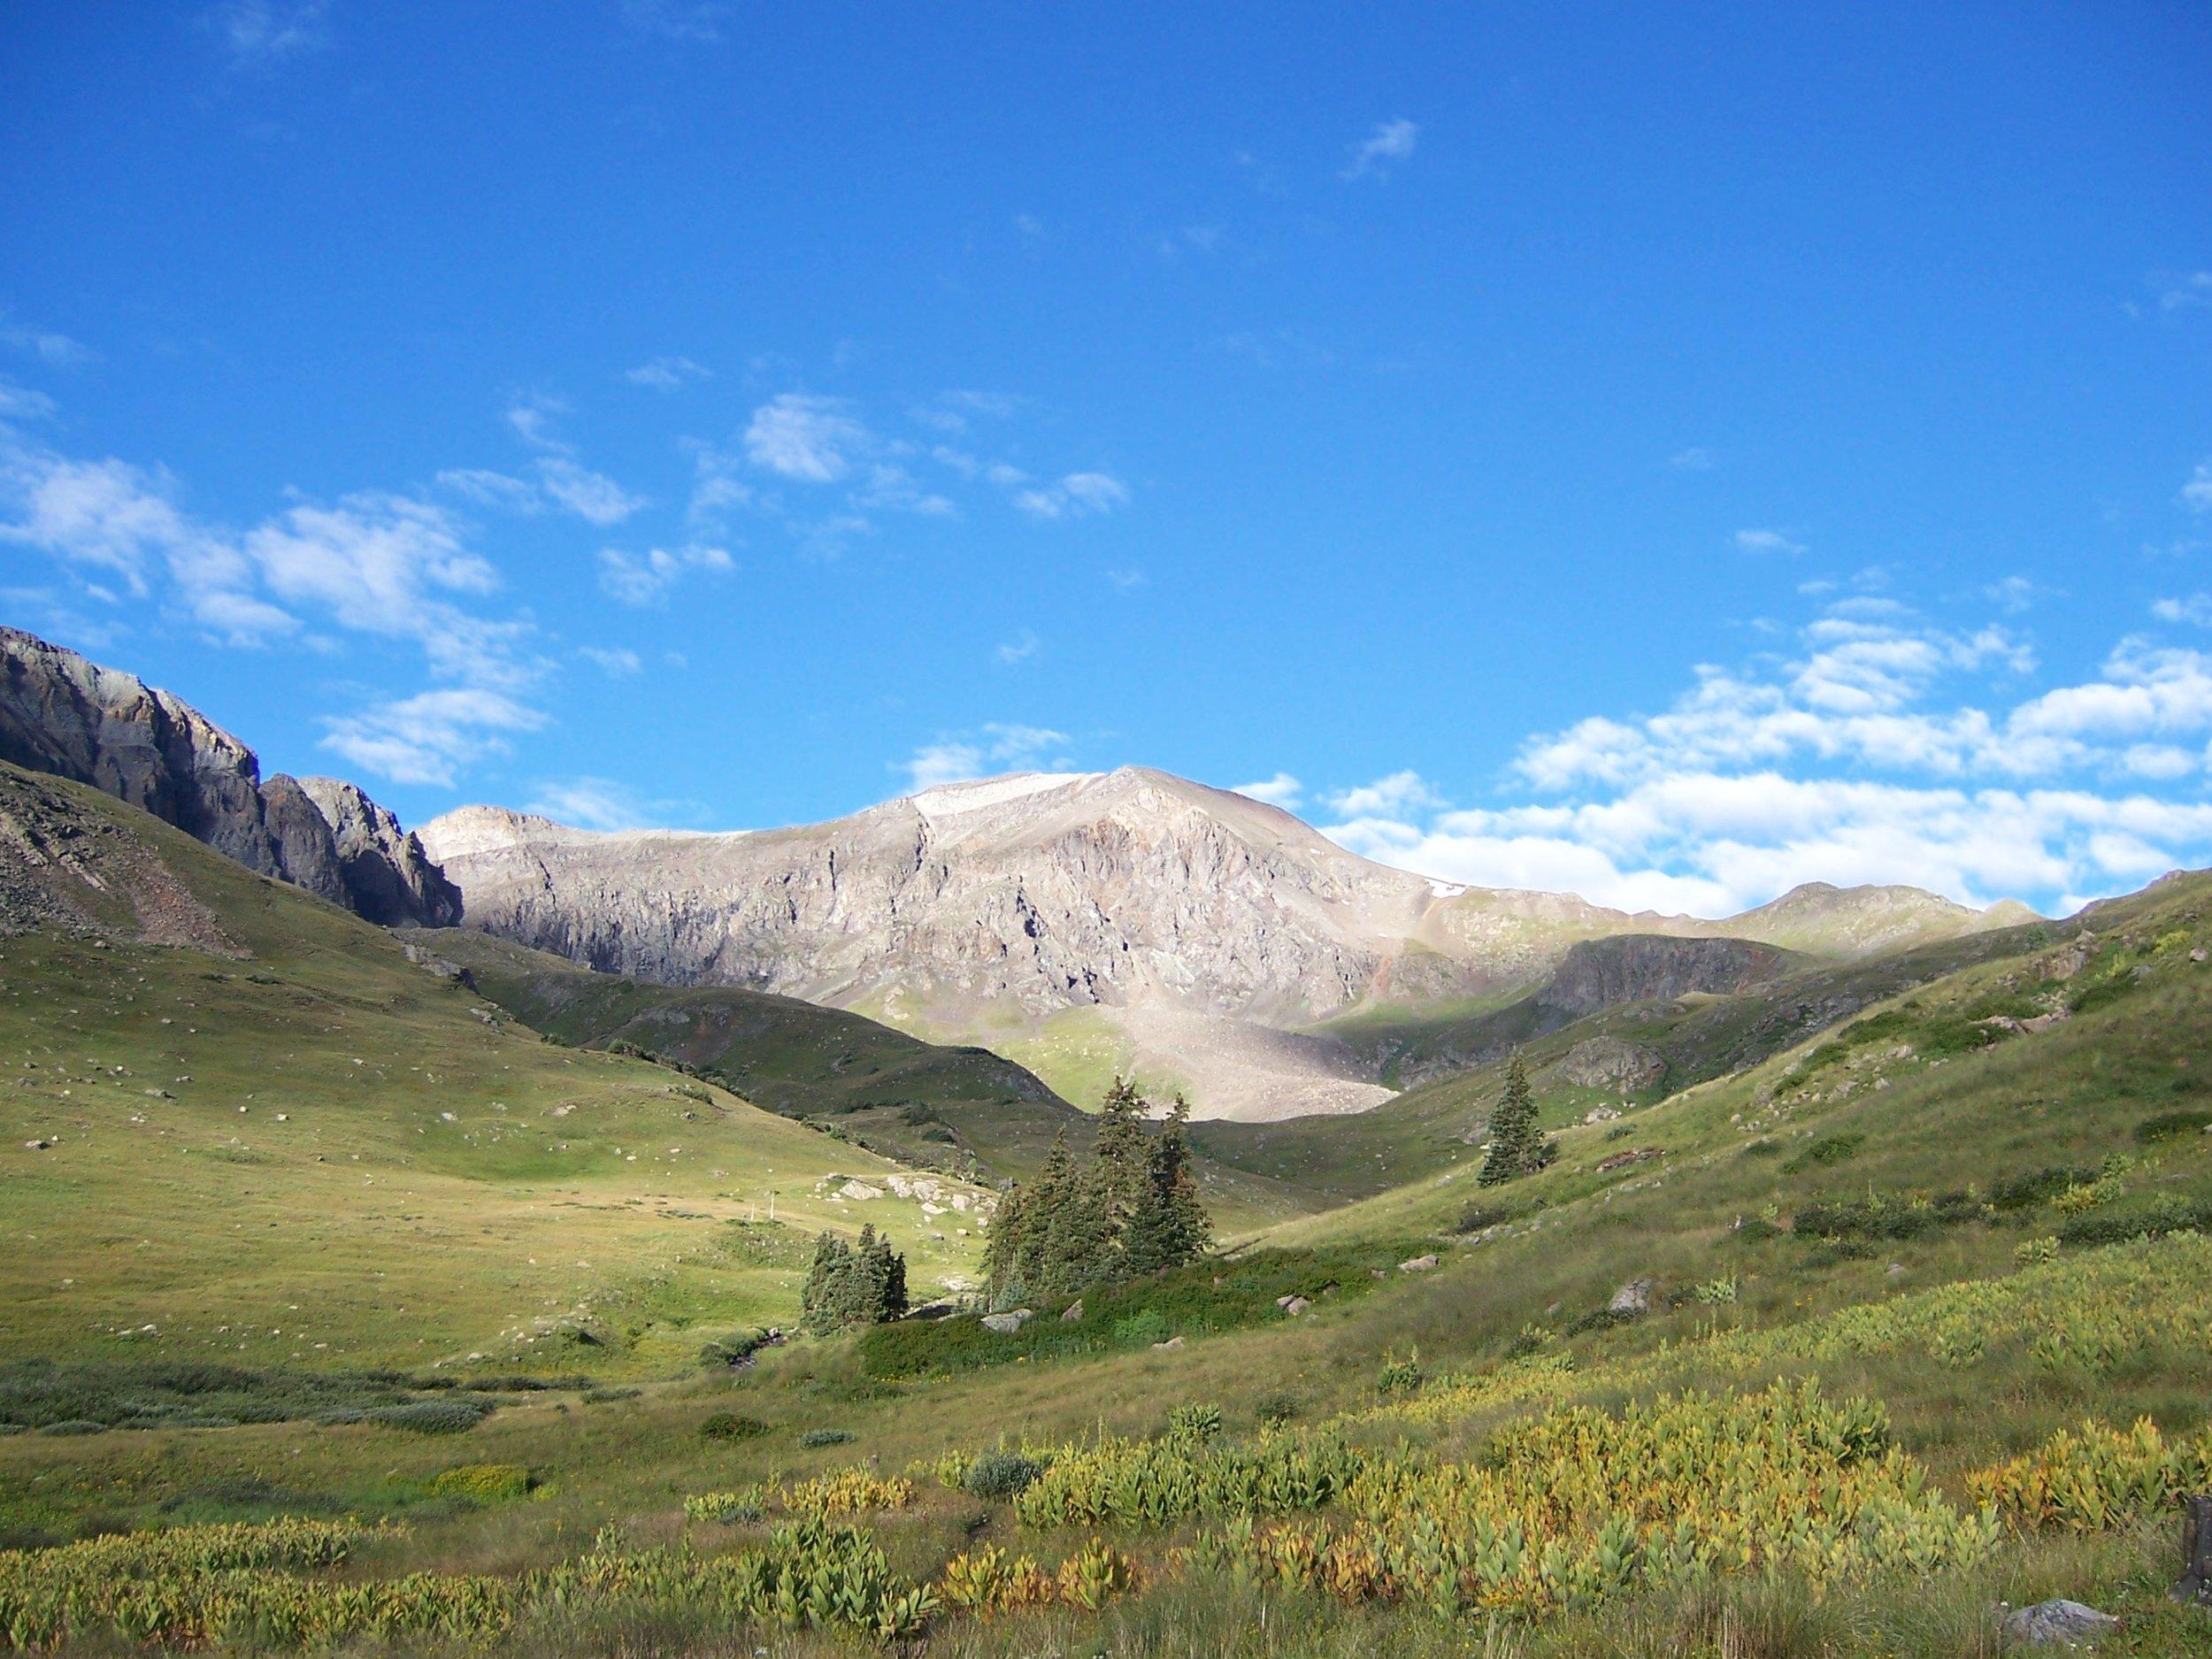 Handies Peak, San Juan Mountains. (Photo by Roy Bradley.)